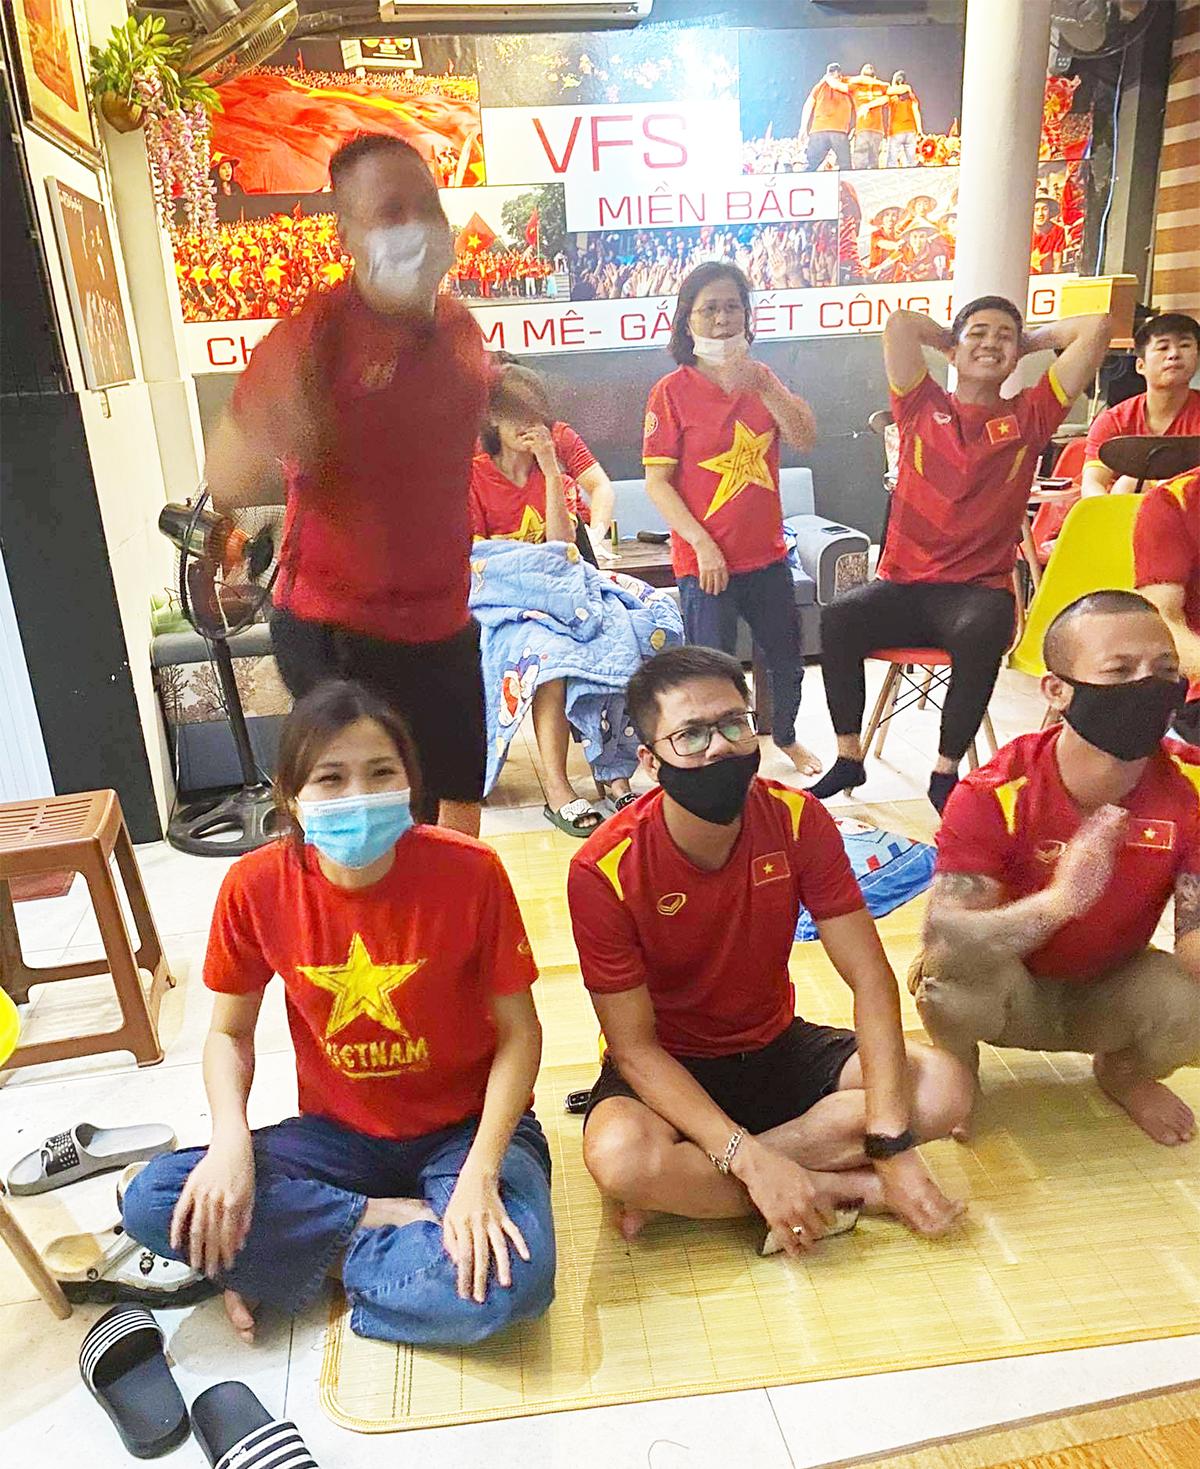 Việt Nam thắng Indonesia 4-0 giữa mùa dịch: Người đeo khẩu trang, người đóng cửa cổ vũ - hình ảnh 9